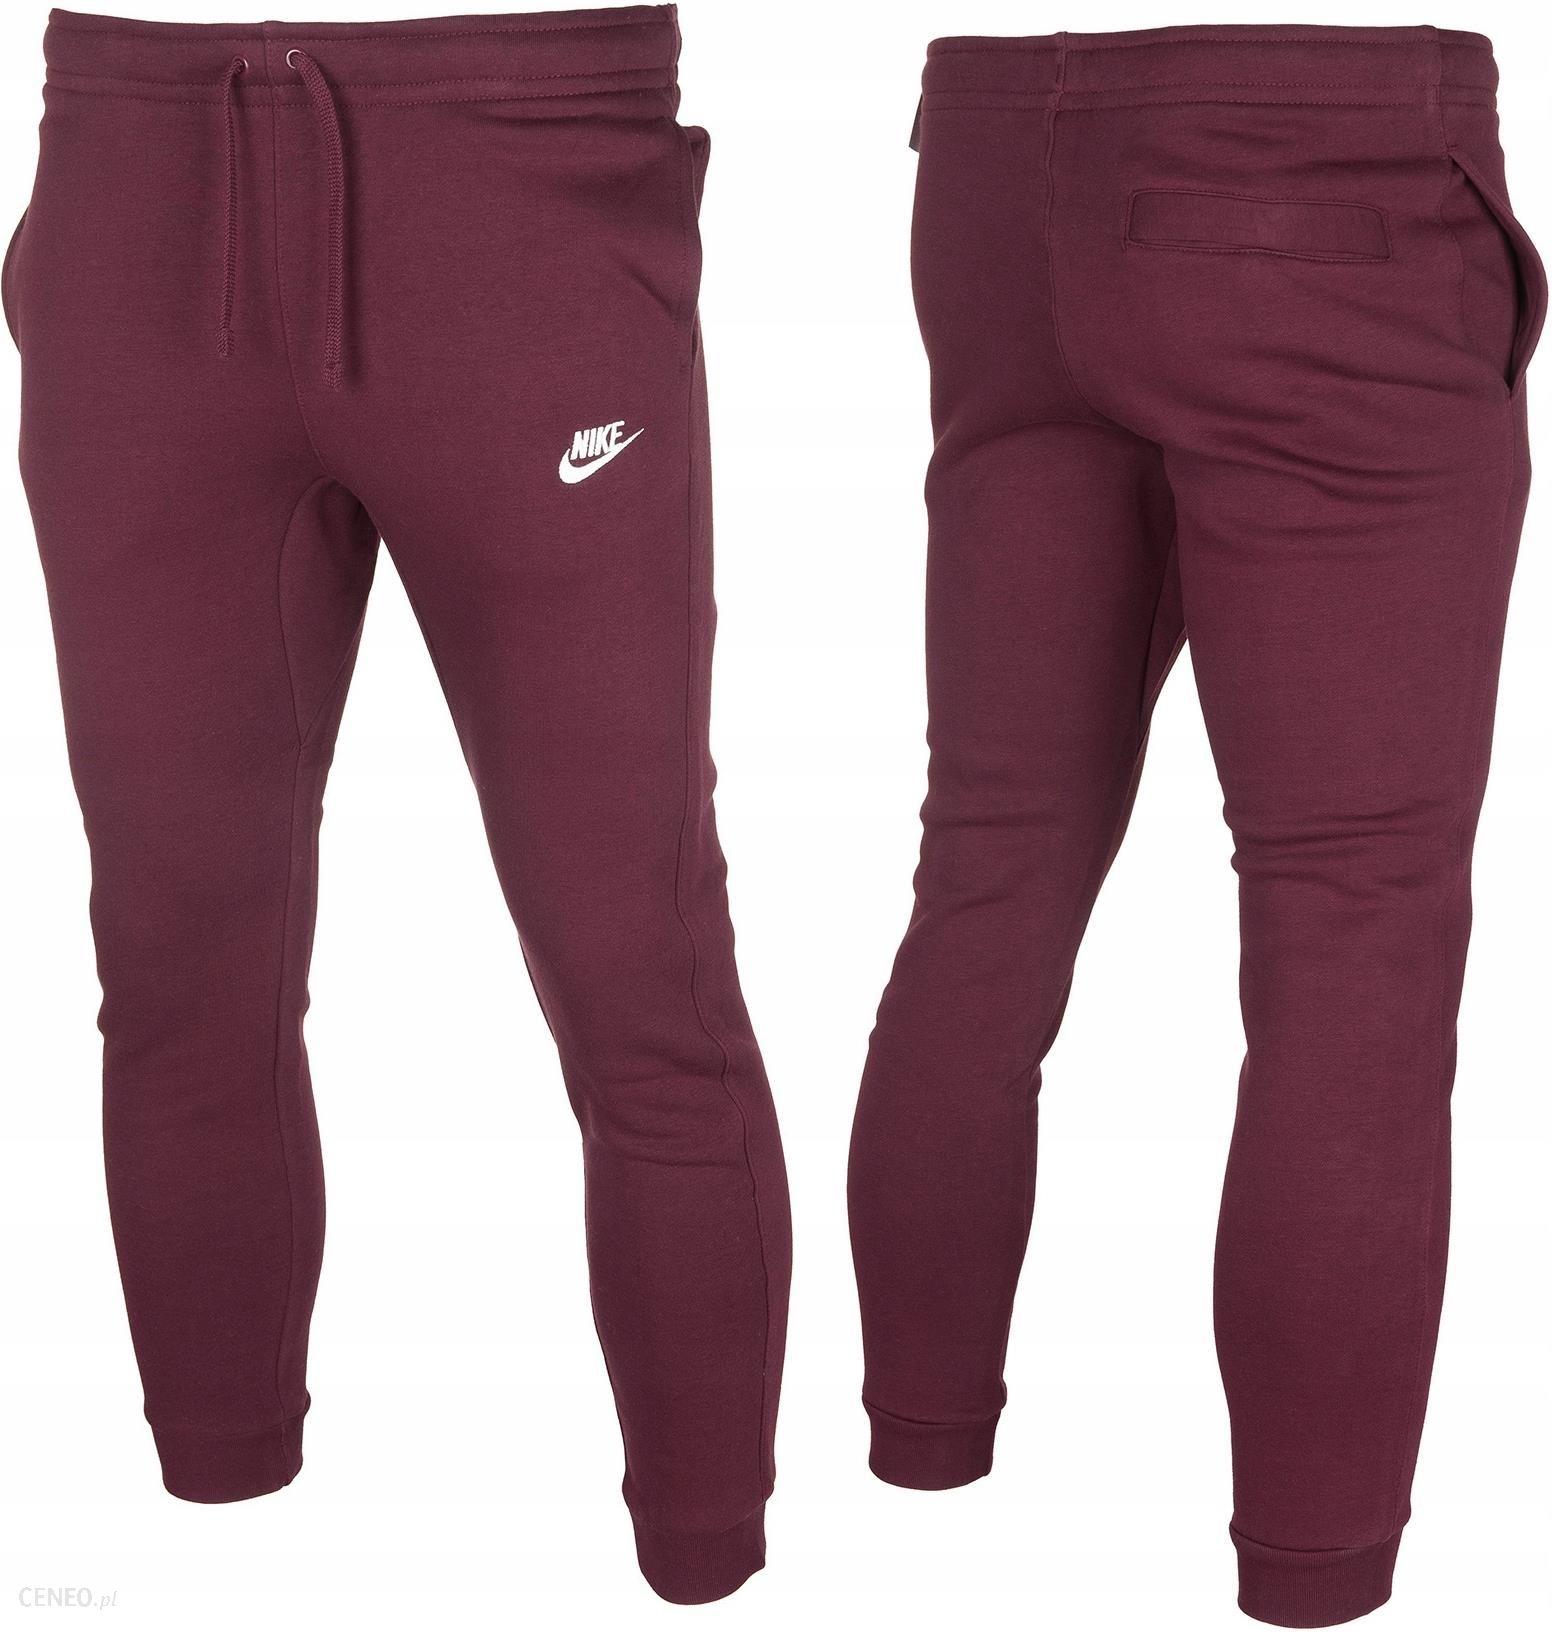 157e7baa0 Nike spodnie dresowe dresy bawełniane męskie r.S - Ceny i opinie ...